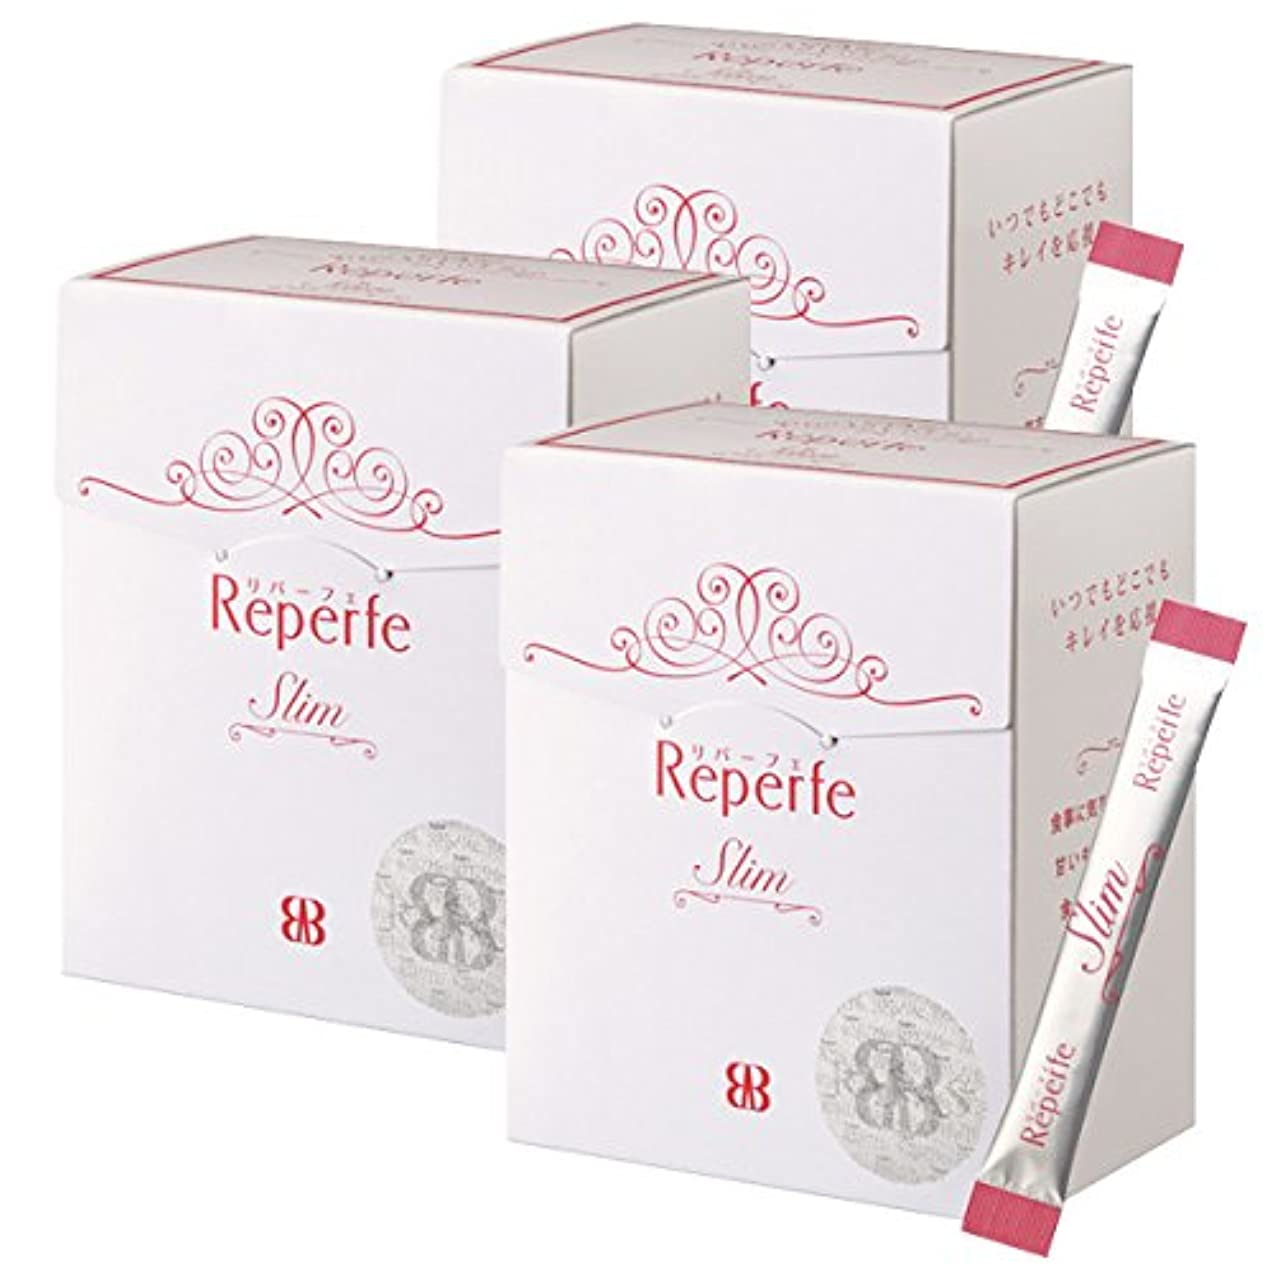 裁量ズボンジャンル腸内洗浄で整え、環境をリセットするダイエットサプリメント!リパーフェスリム3箱セット